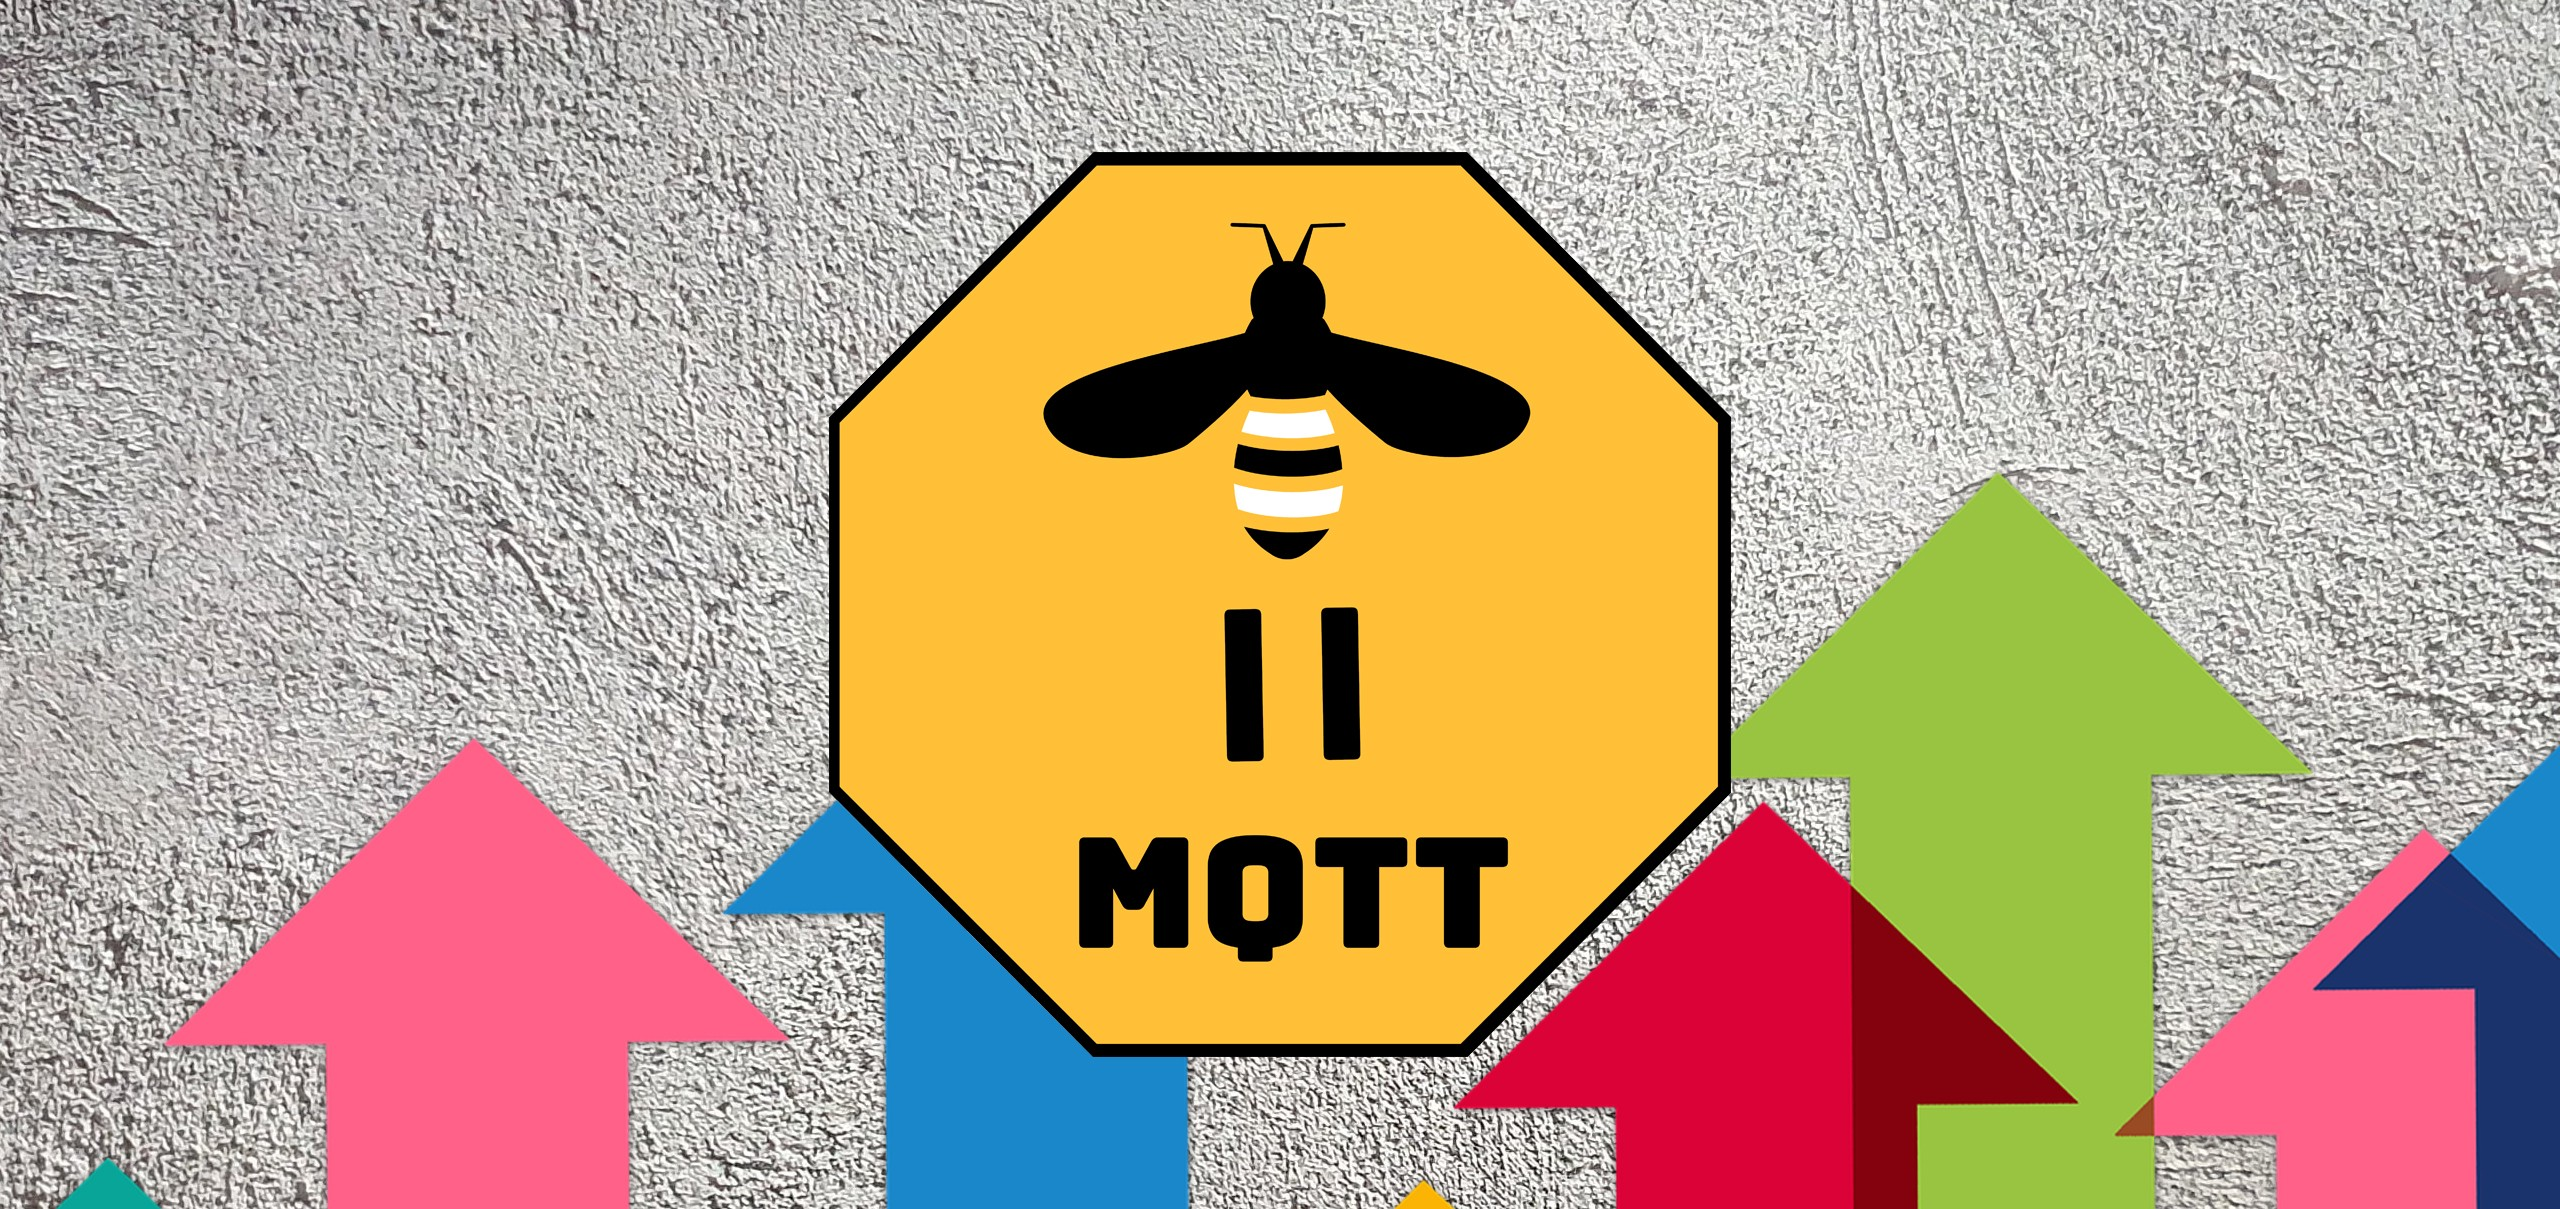 Illustration article Zigbee 2 MQTT